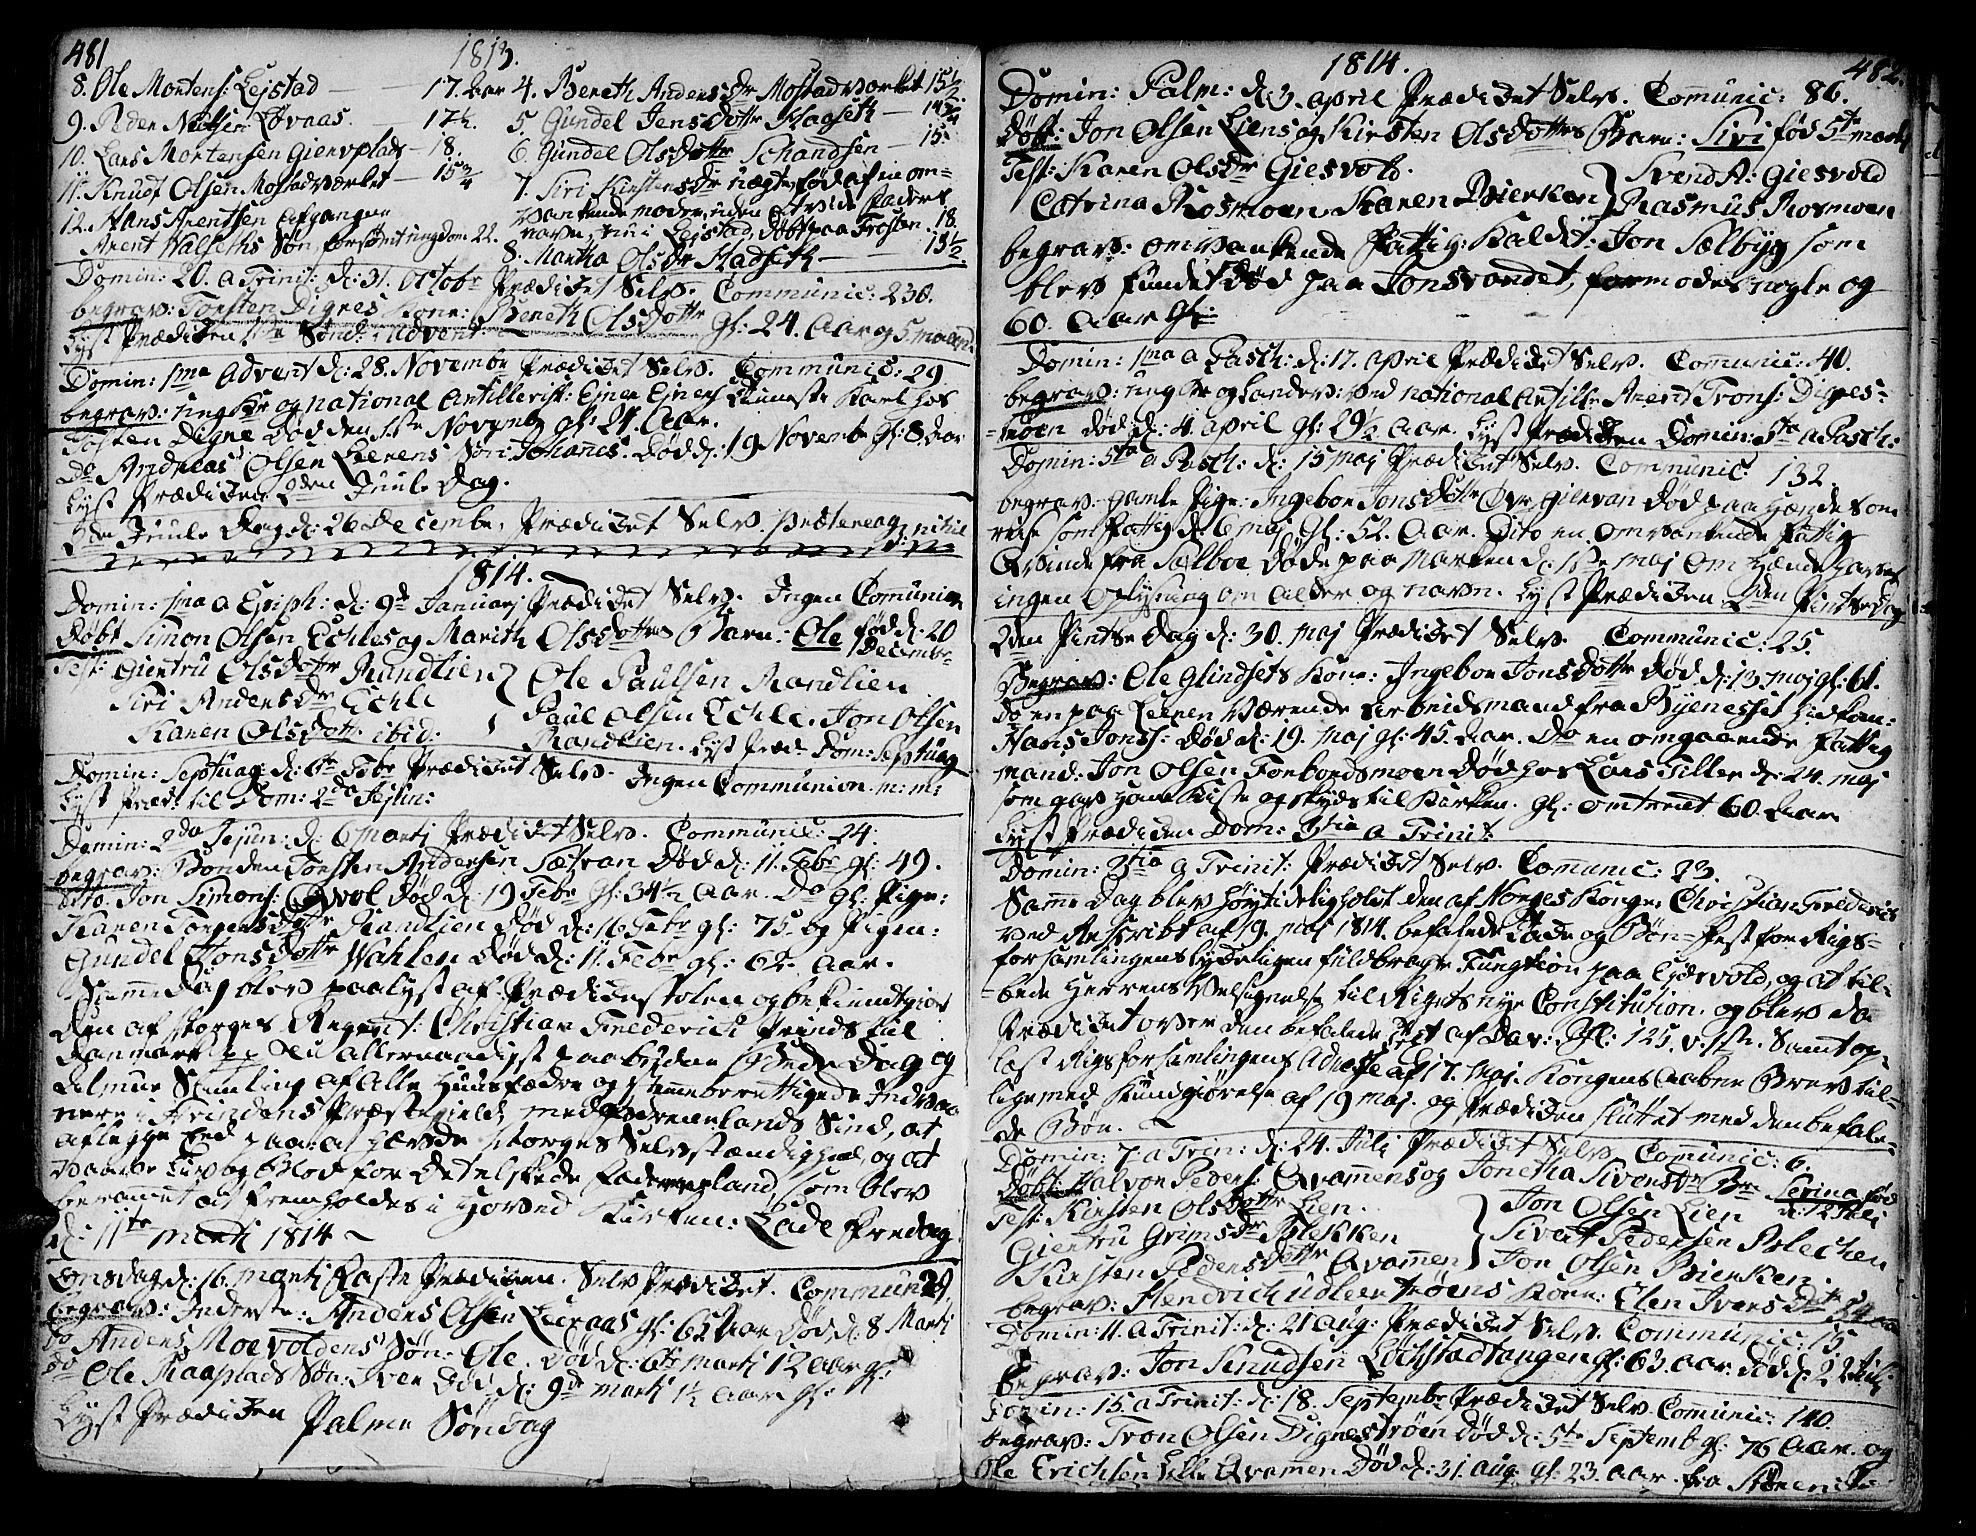 SAT, Ministerialprotokoller, klokkerbøker og fødselsregistre - Sør-Trøndelag, 606/L0282: Ministerialbok nr. 606A02 /3, 1781-1817, s. 481-482